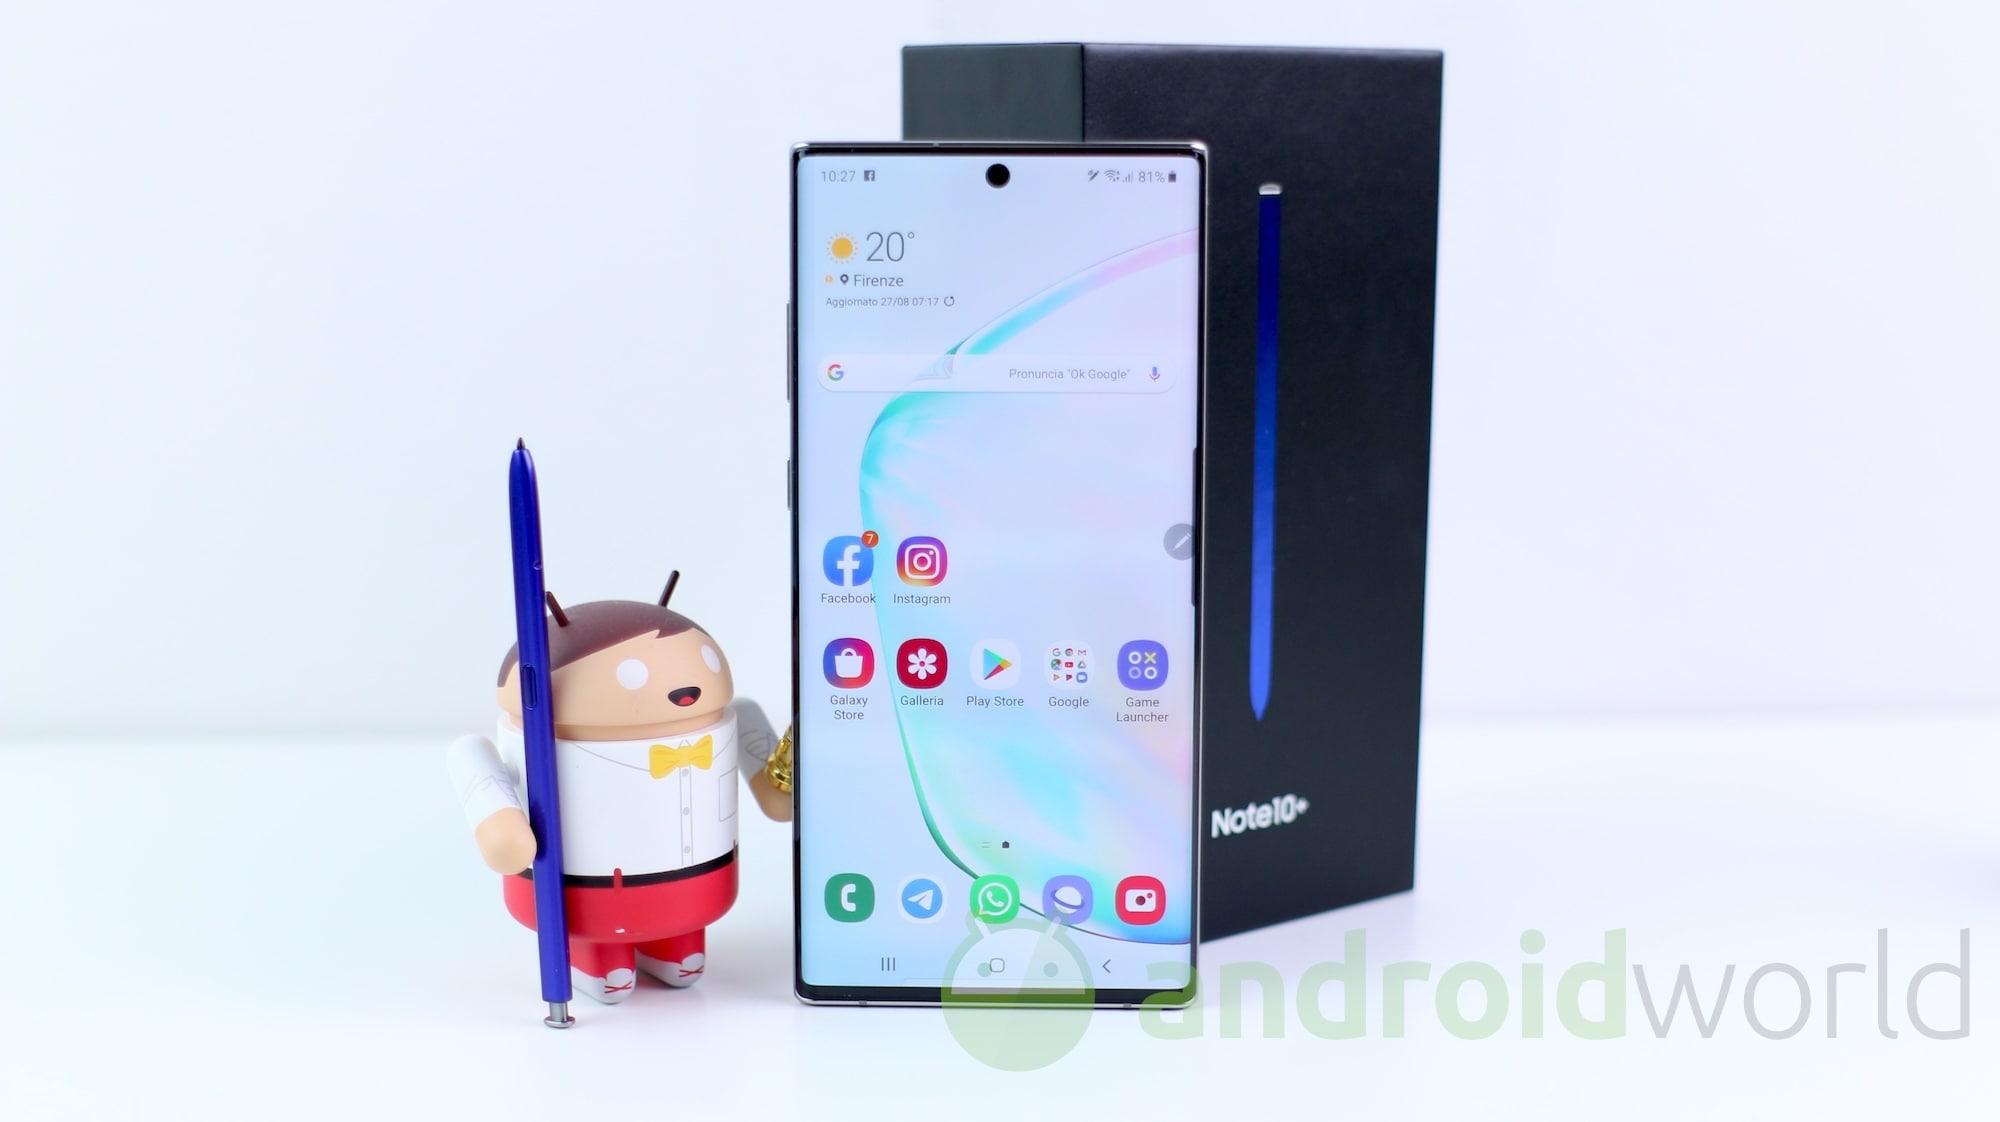 La LineageOS 16 (non ufficiale) arriva per Galaxy Note 10 / Note 10+